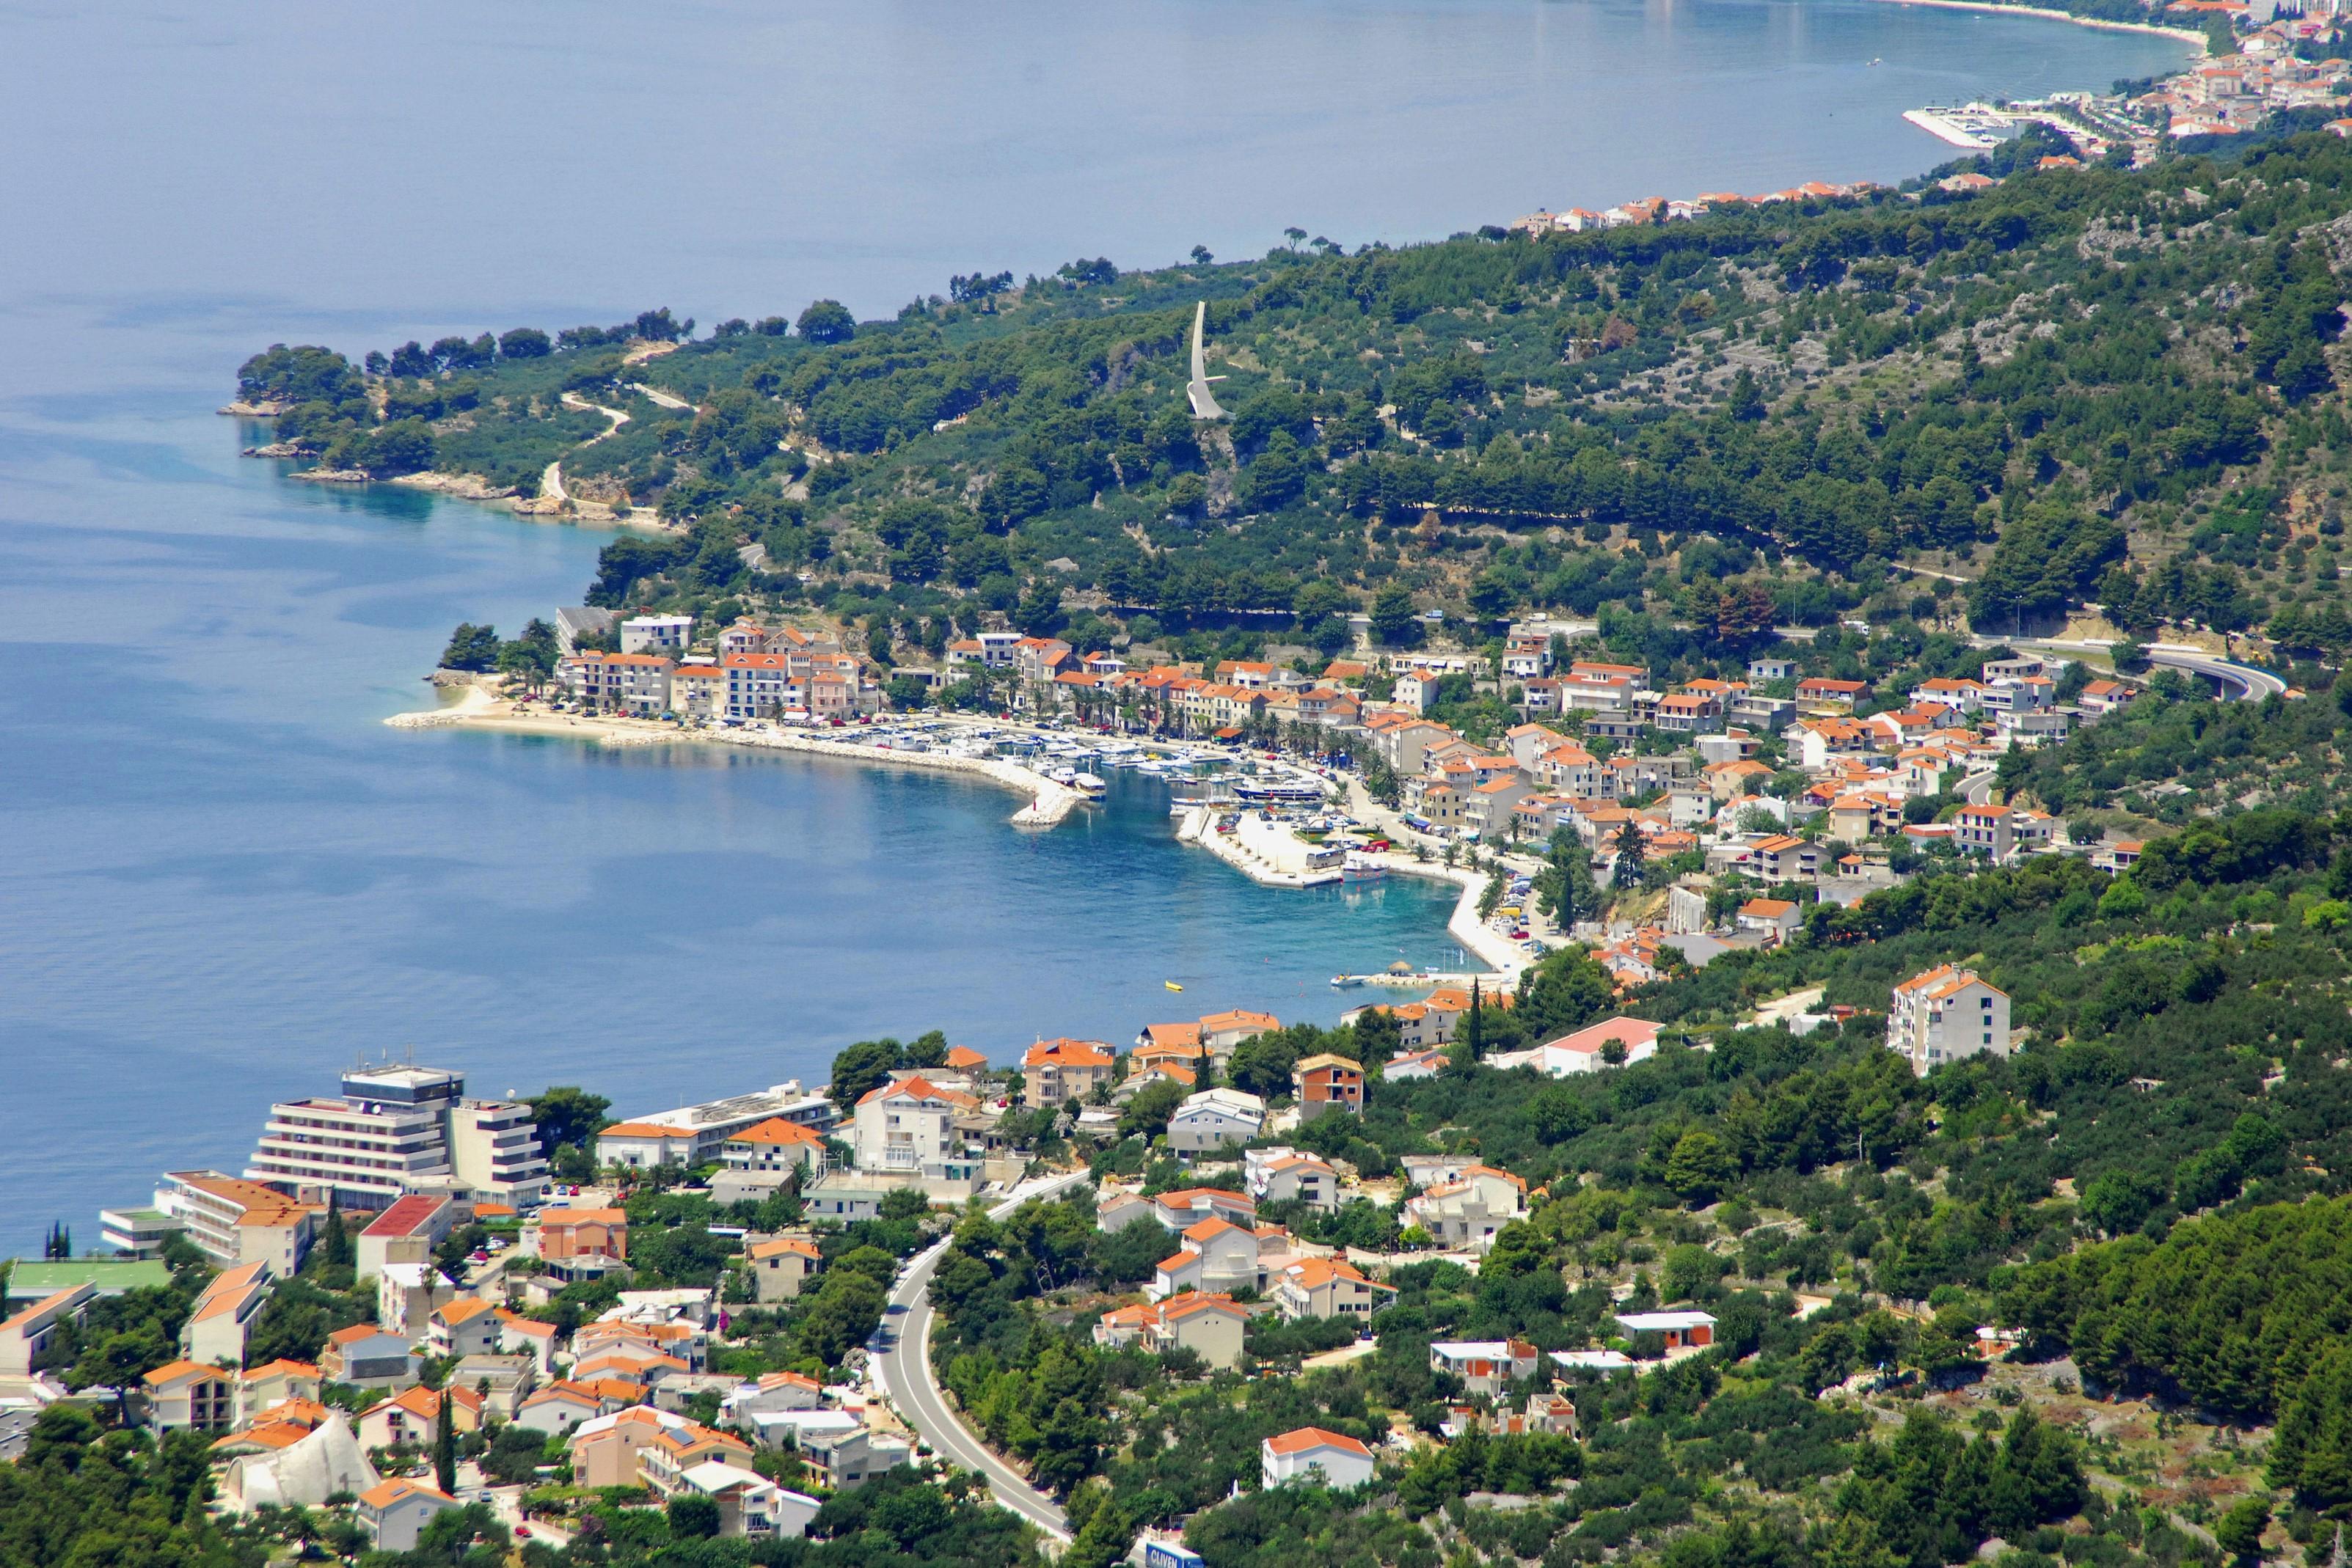 Podgora, Croatia - Monterrasol private tours to Podgora, Croatia. Travel agency offers custom private car tours to see Podgora in Croatia. Order custom private tour to Podgora with departure date on request.